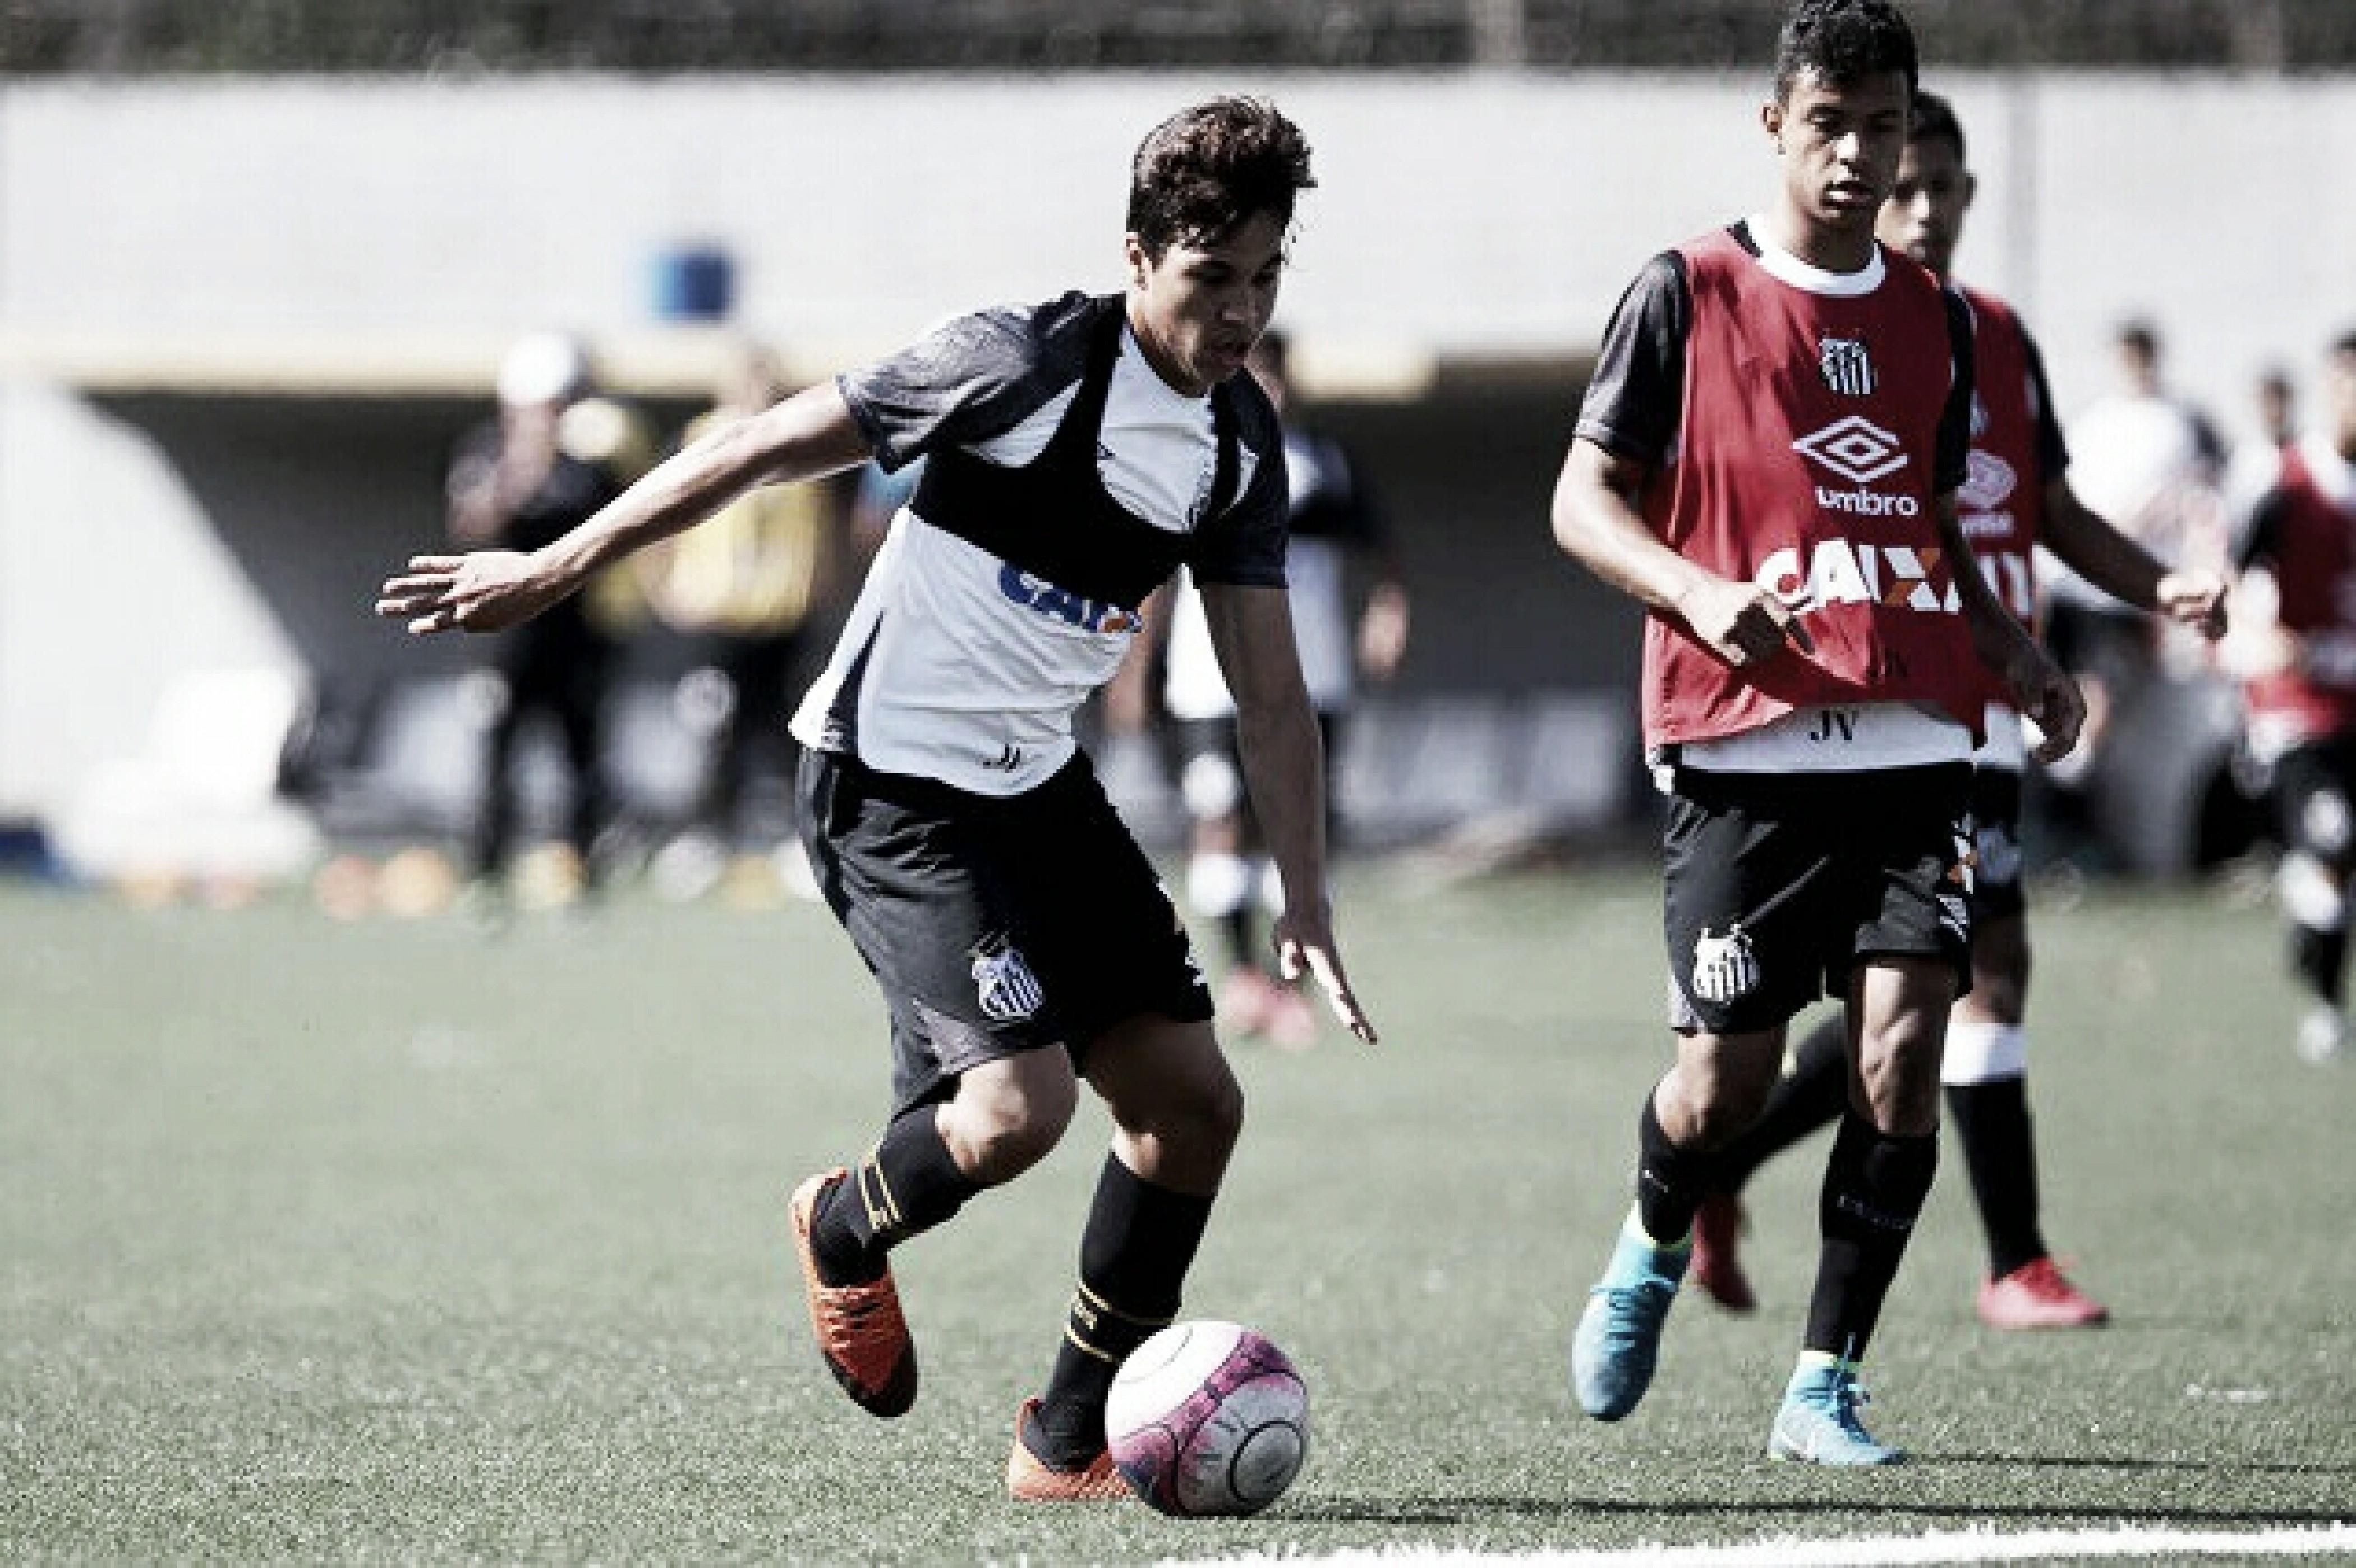 Cuca confirma promoção de Kaio Jorge aos profissionais do Santos e promete chance no Brasileirão